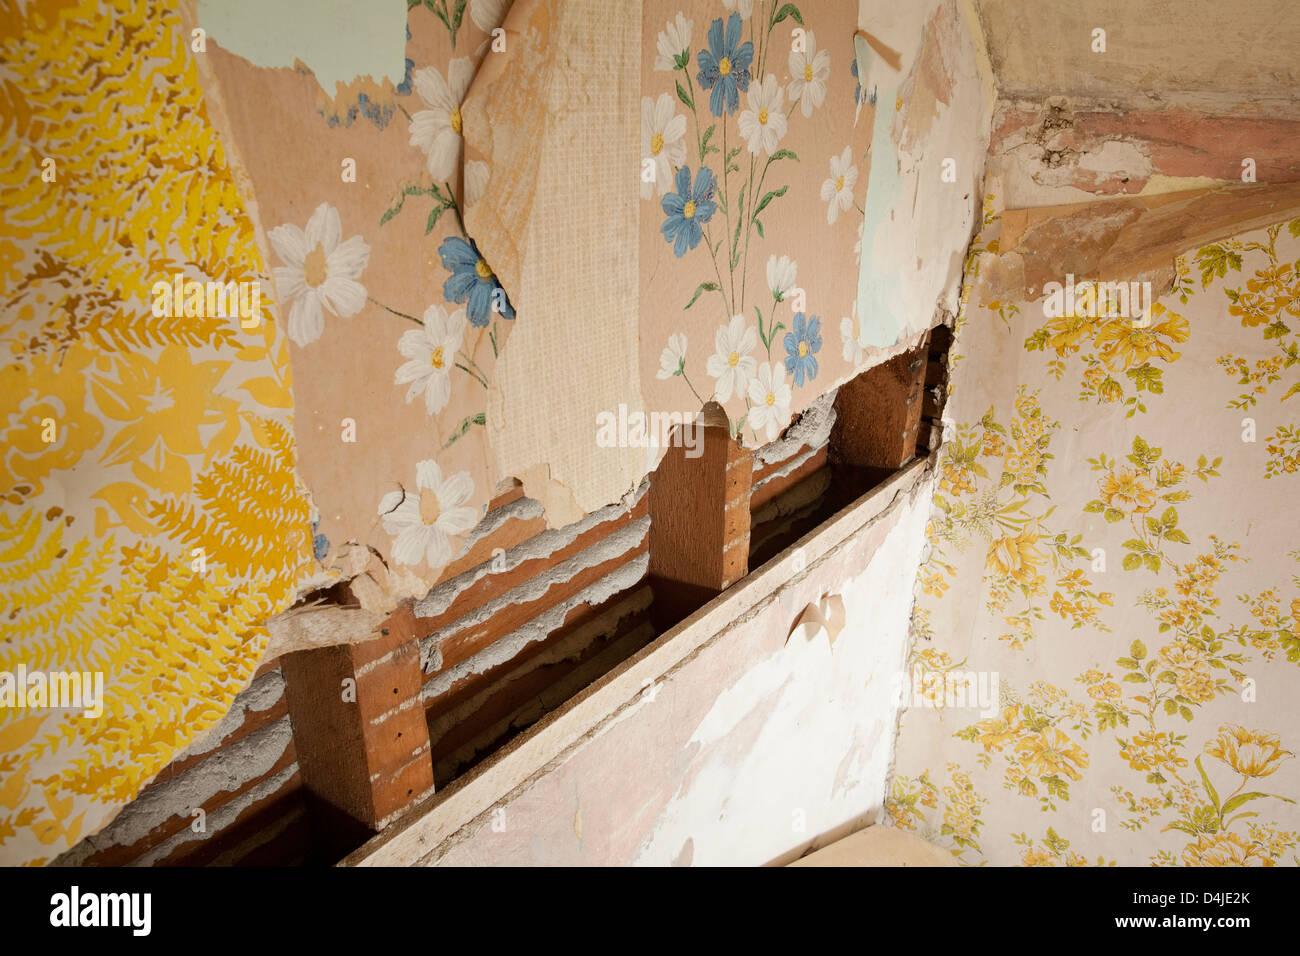 Schichten Von Tapeten In Einem Verlassenen Haus In Ontario, Kanada.  Stockbild